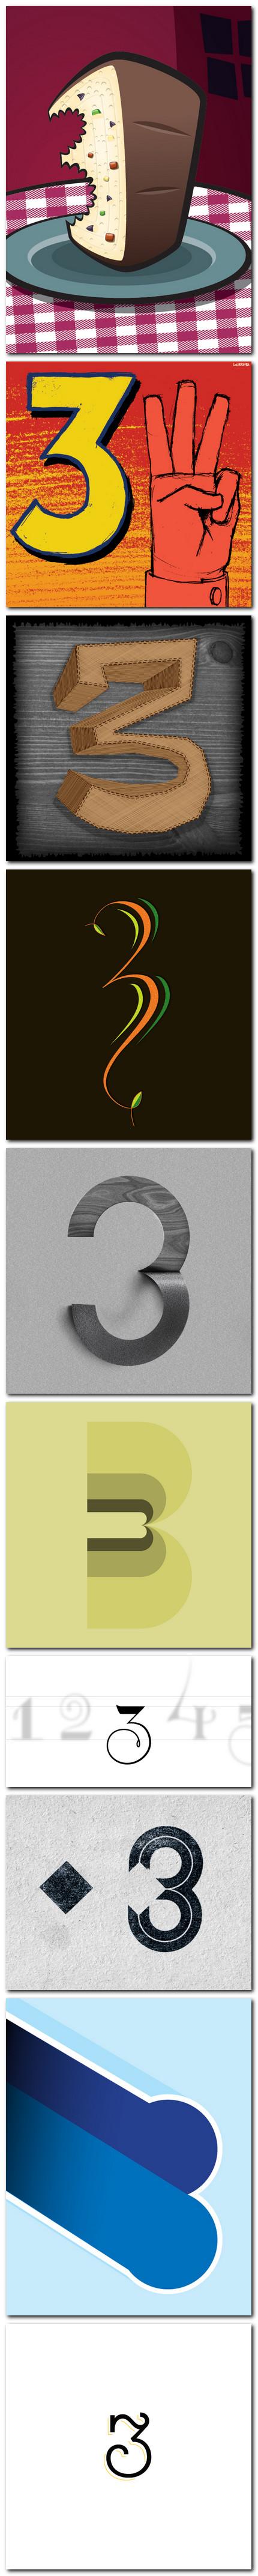 Trei Lettercult - florinf